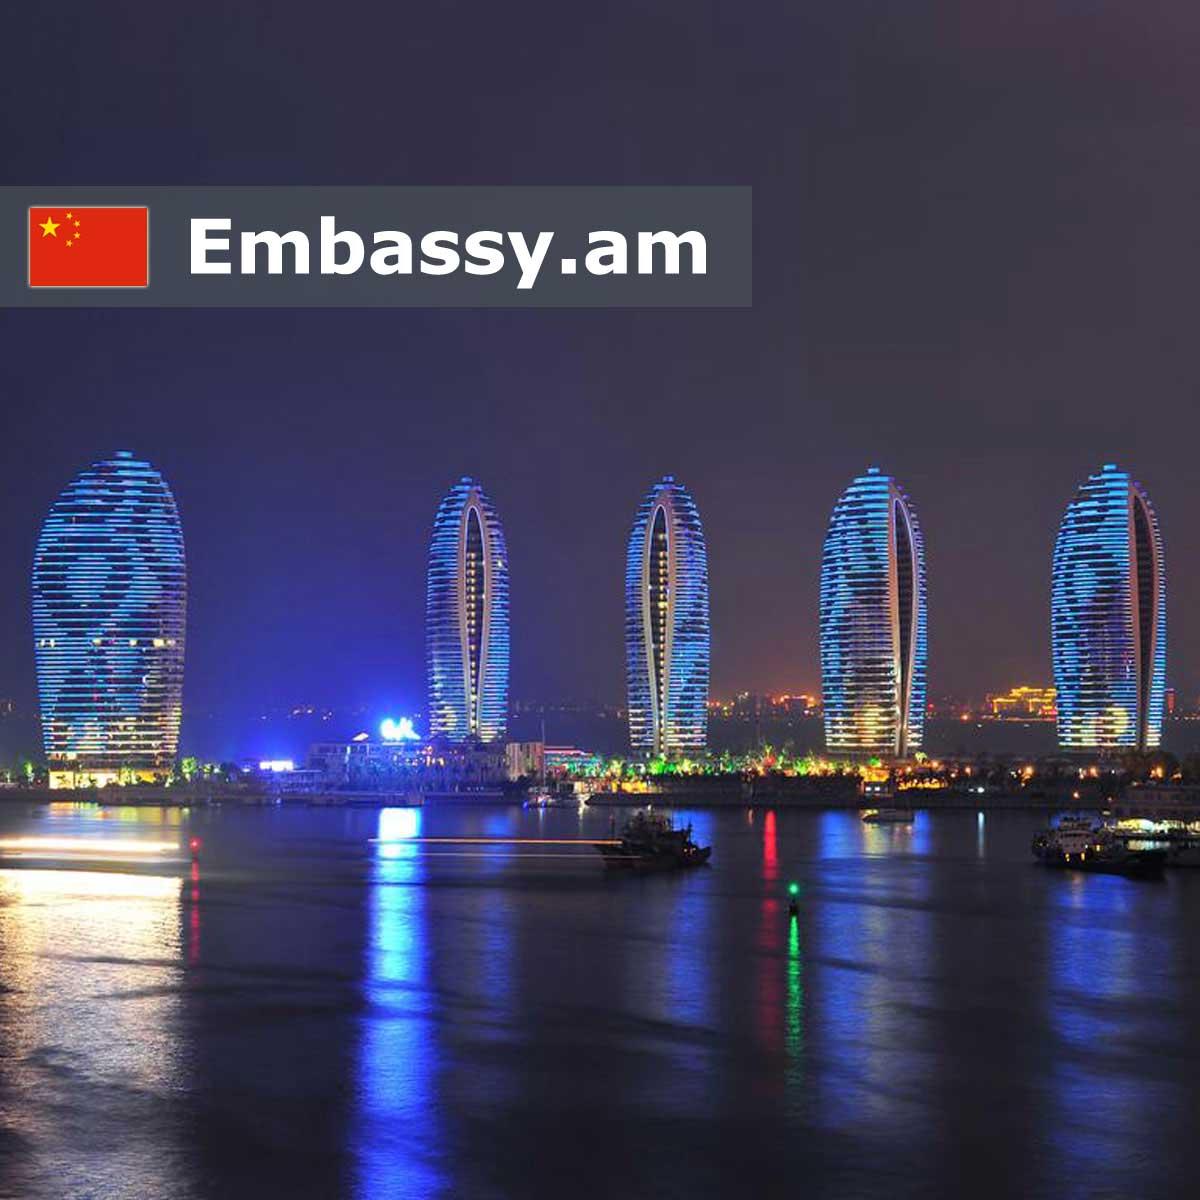 Sanya - Hotels in China - Embassy.am